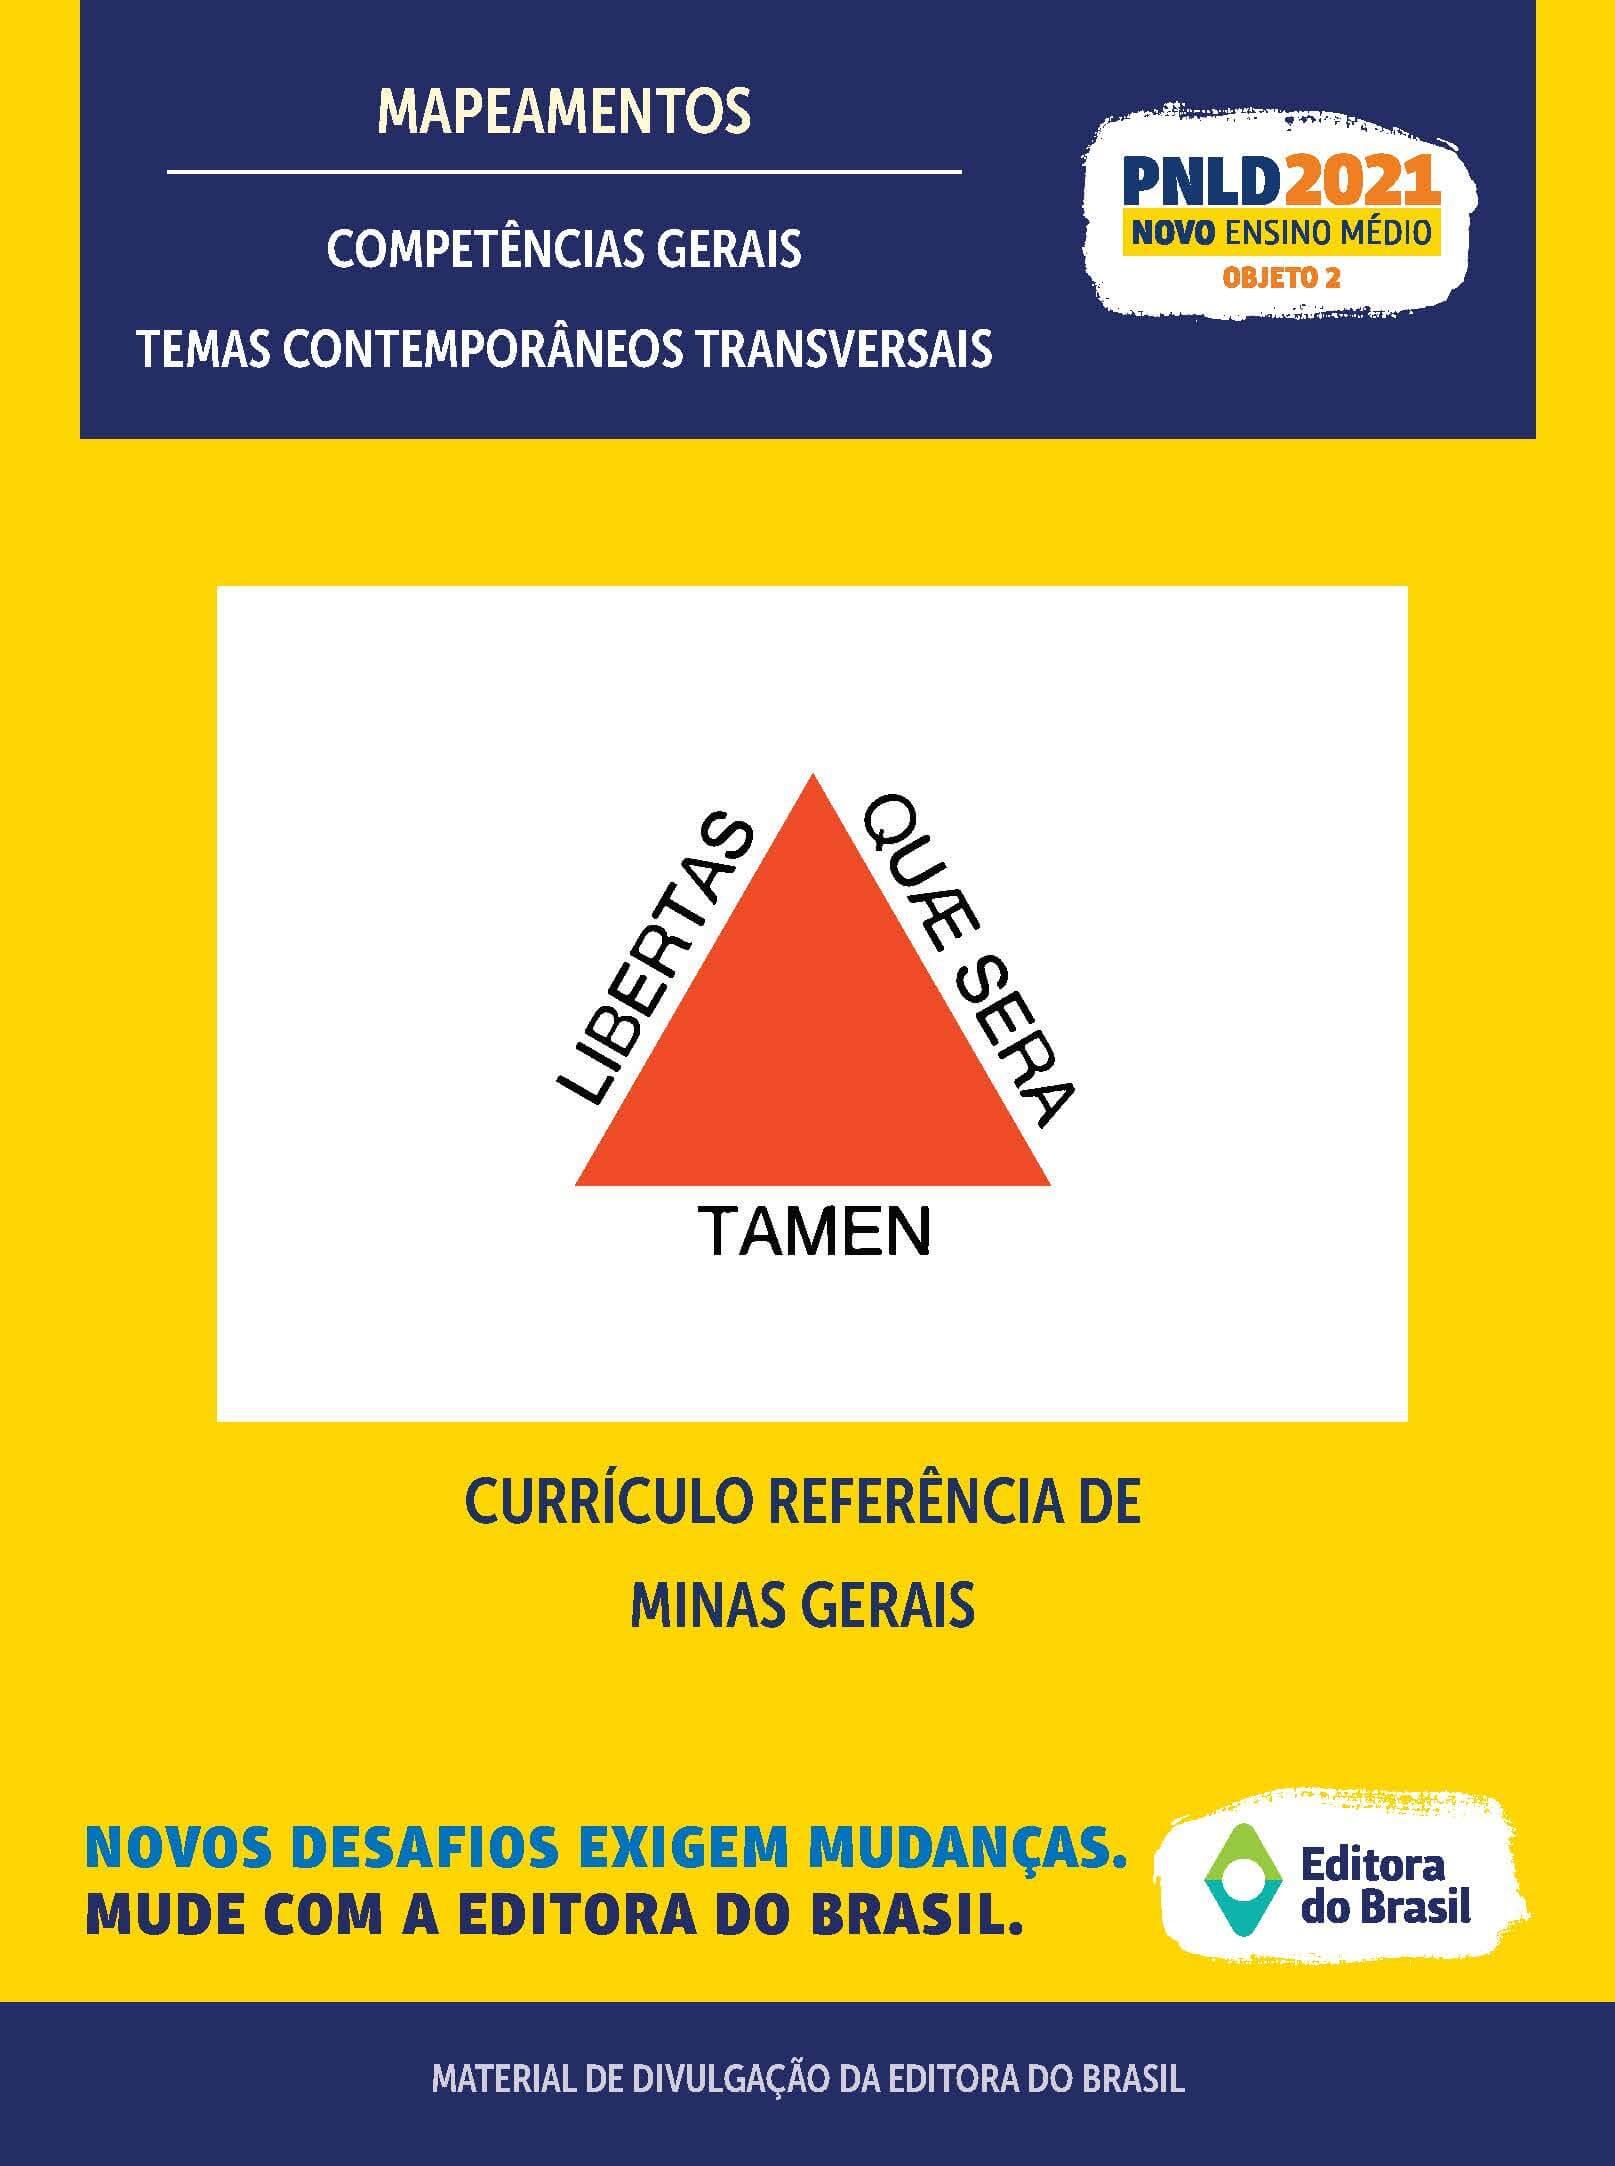 CURRÍCULO REFERÊNCIA DE MINAS GERAIS